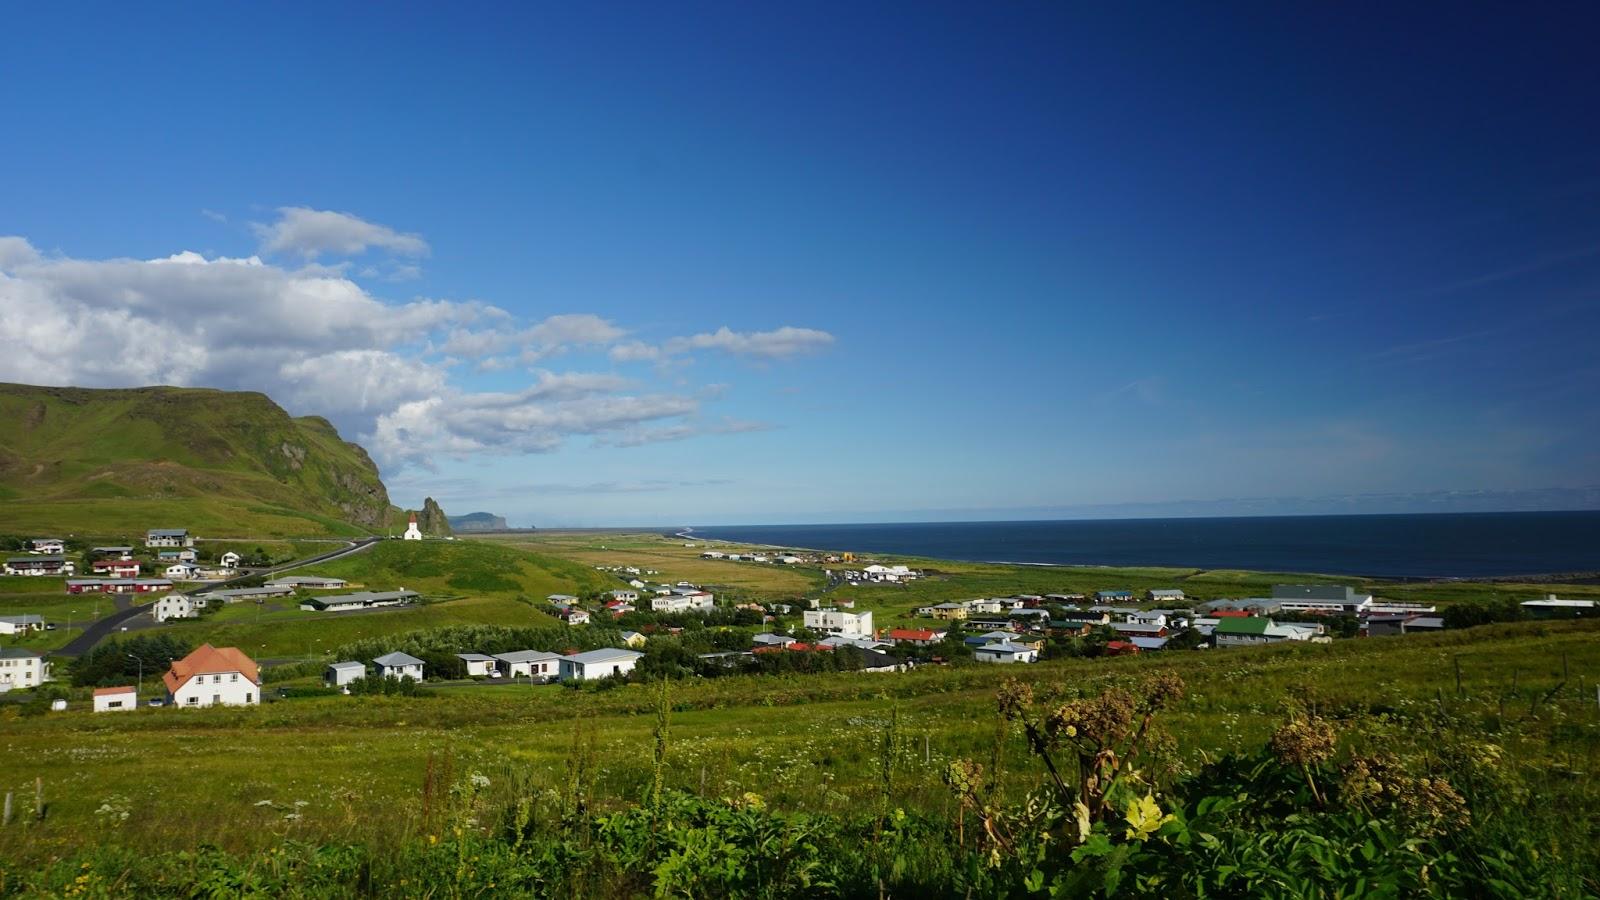 miasteczko Vik, Vik i Myrdal, południowa Islandia, atrakcje Islandii